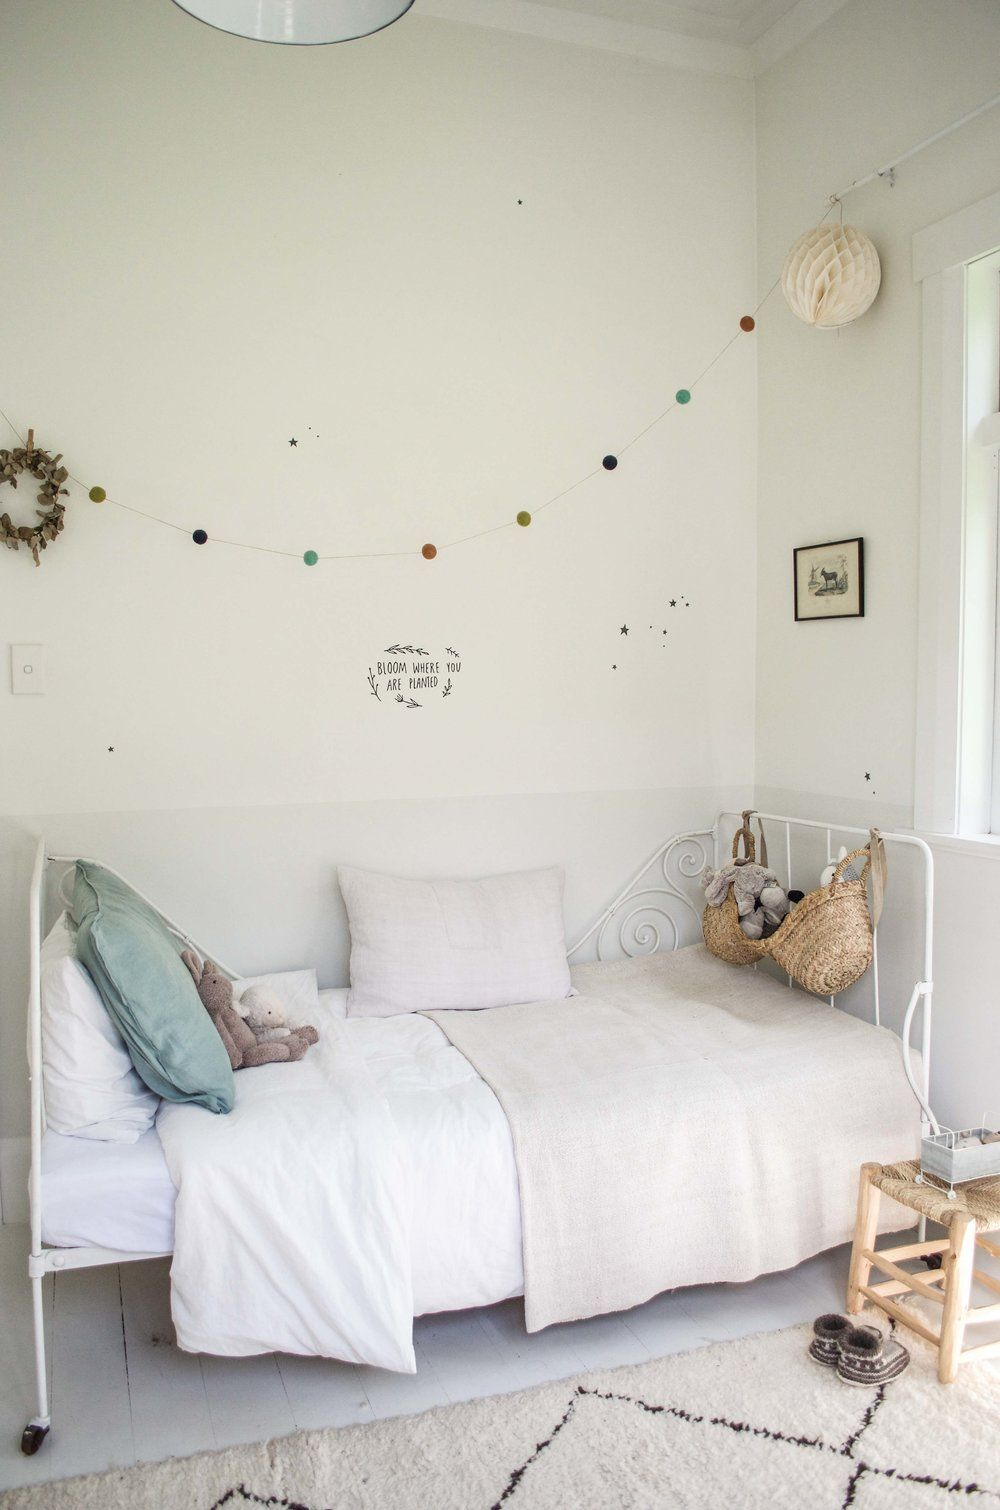 das bett ist traumhaft s und gibt einem kinderzimmer den besonderen charme nesting. Black Bedroom Furniture Sets. Home Design Ideas